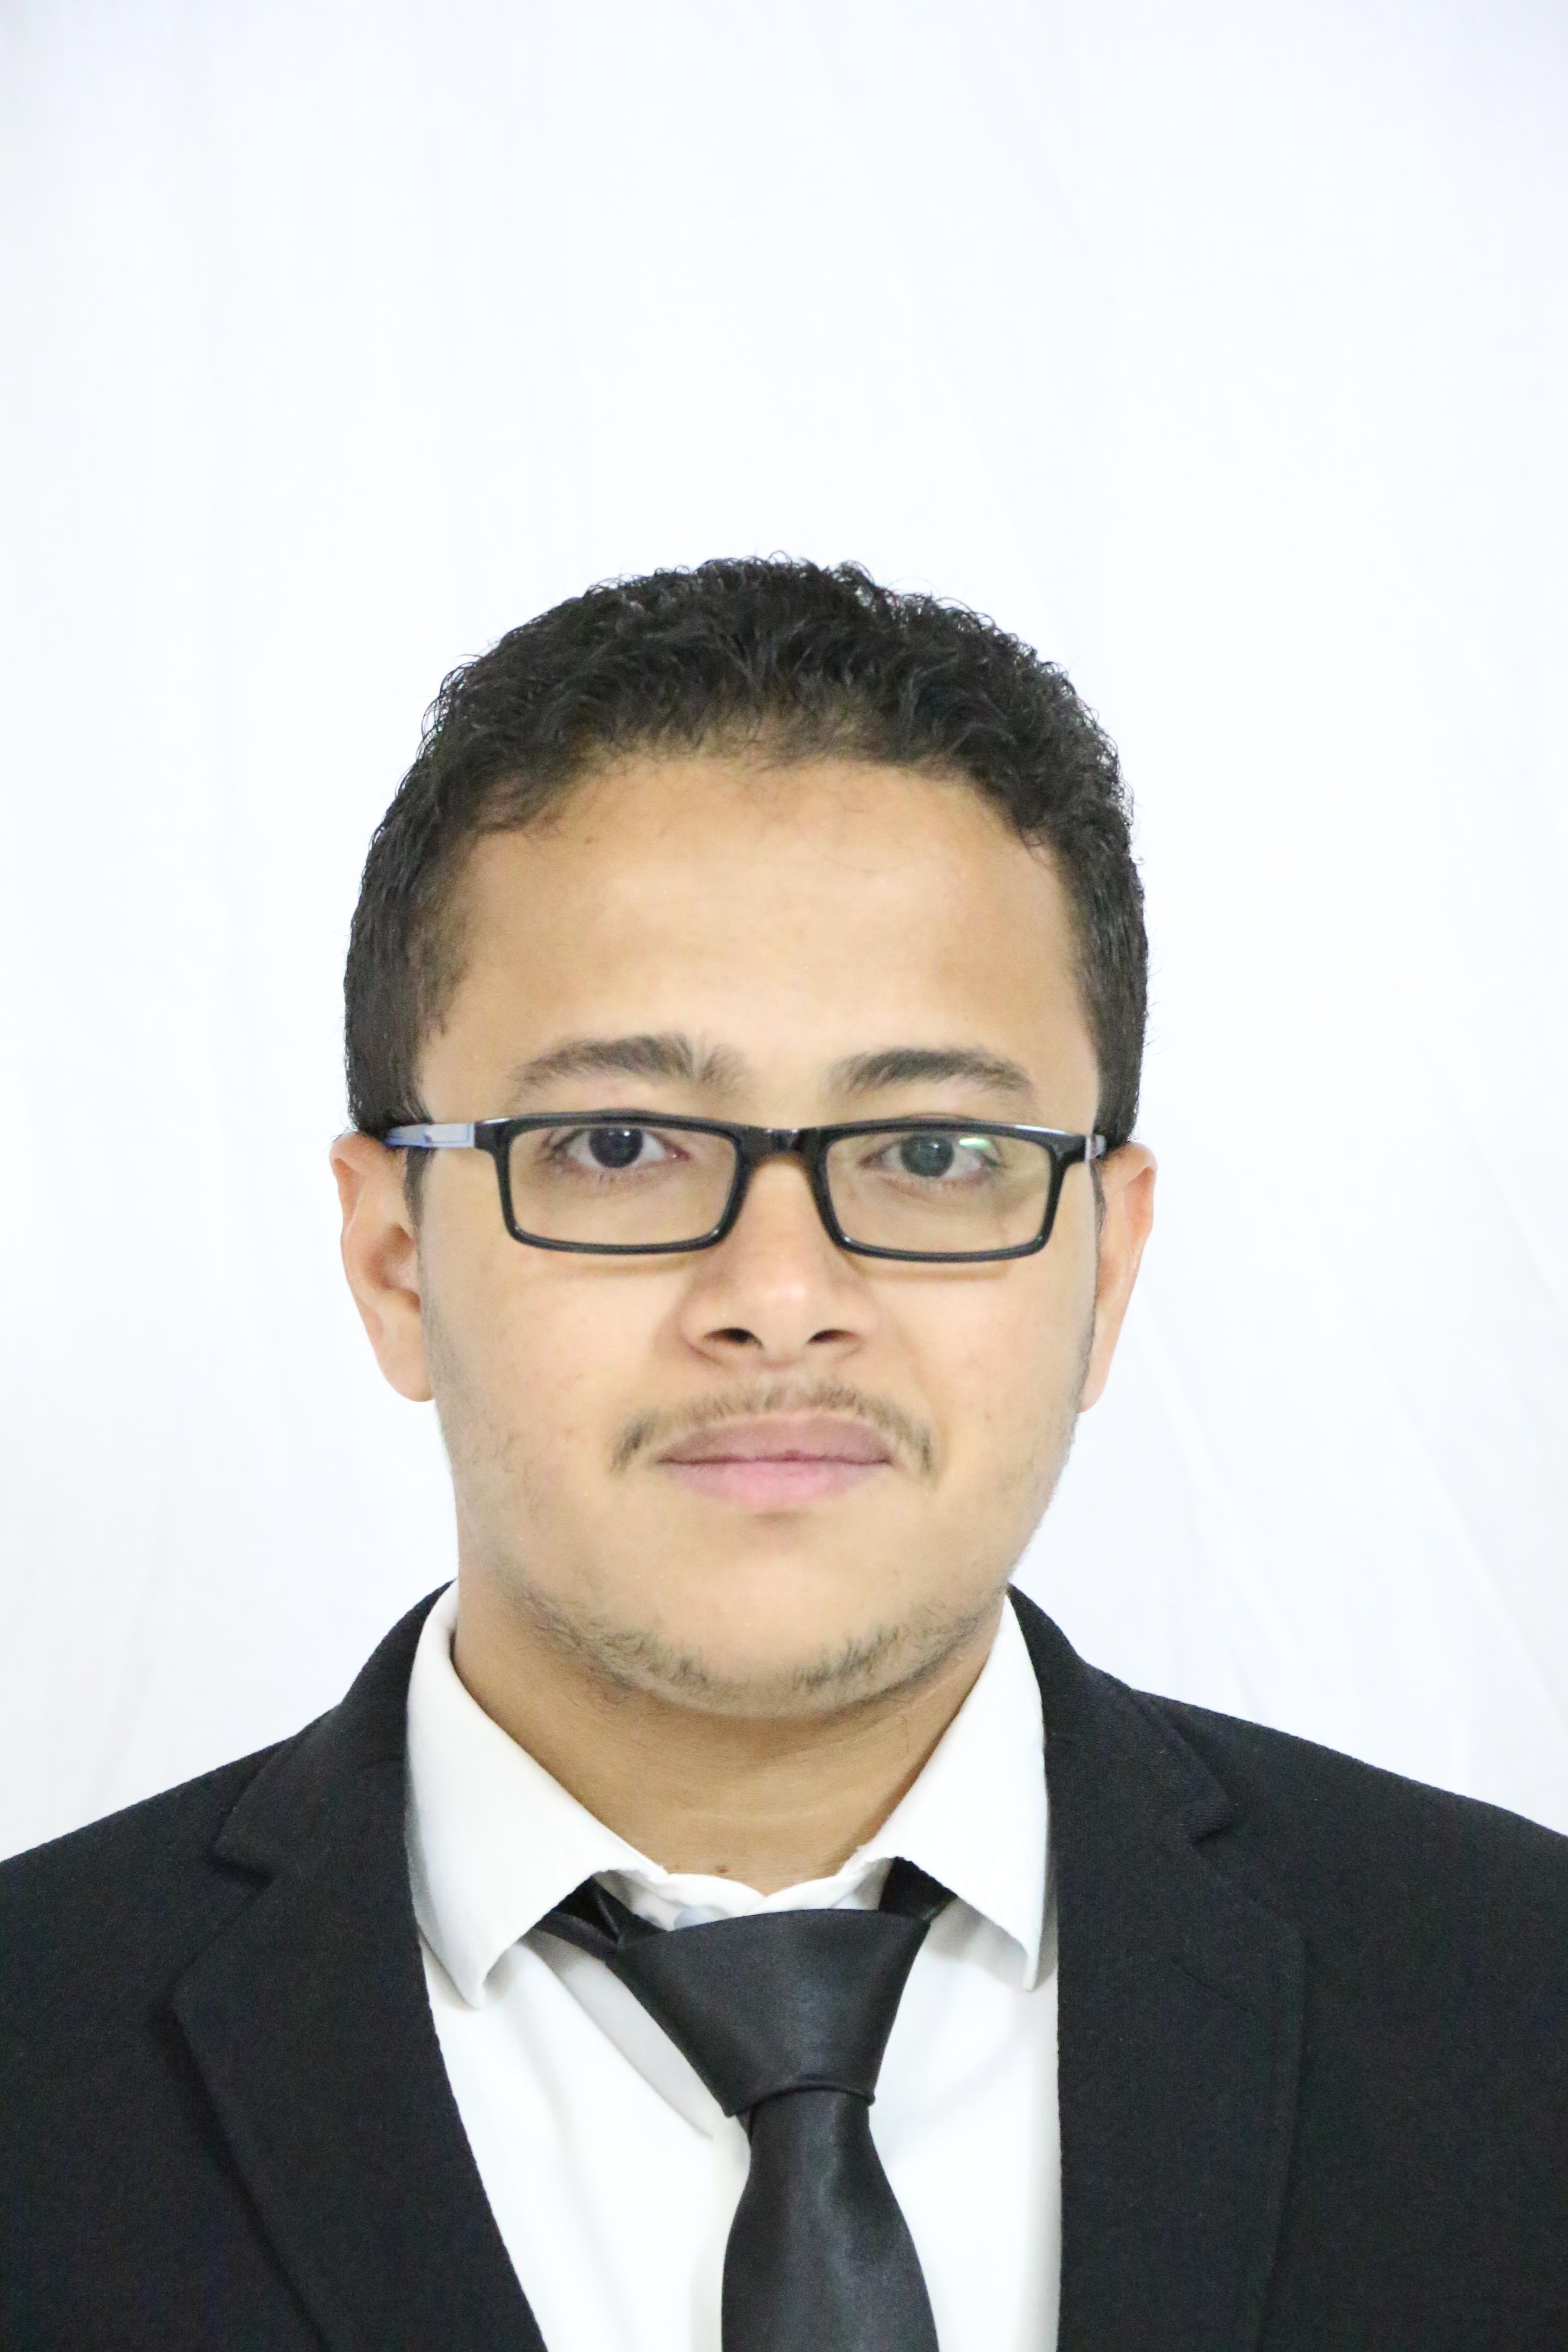 Wahid Mohammed Ali Mohammed Ghaleb